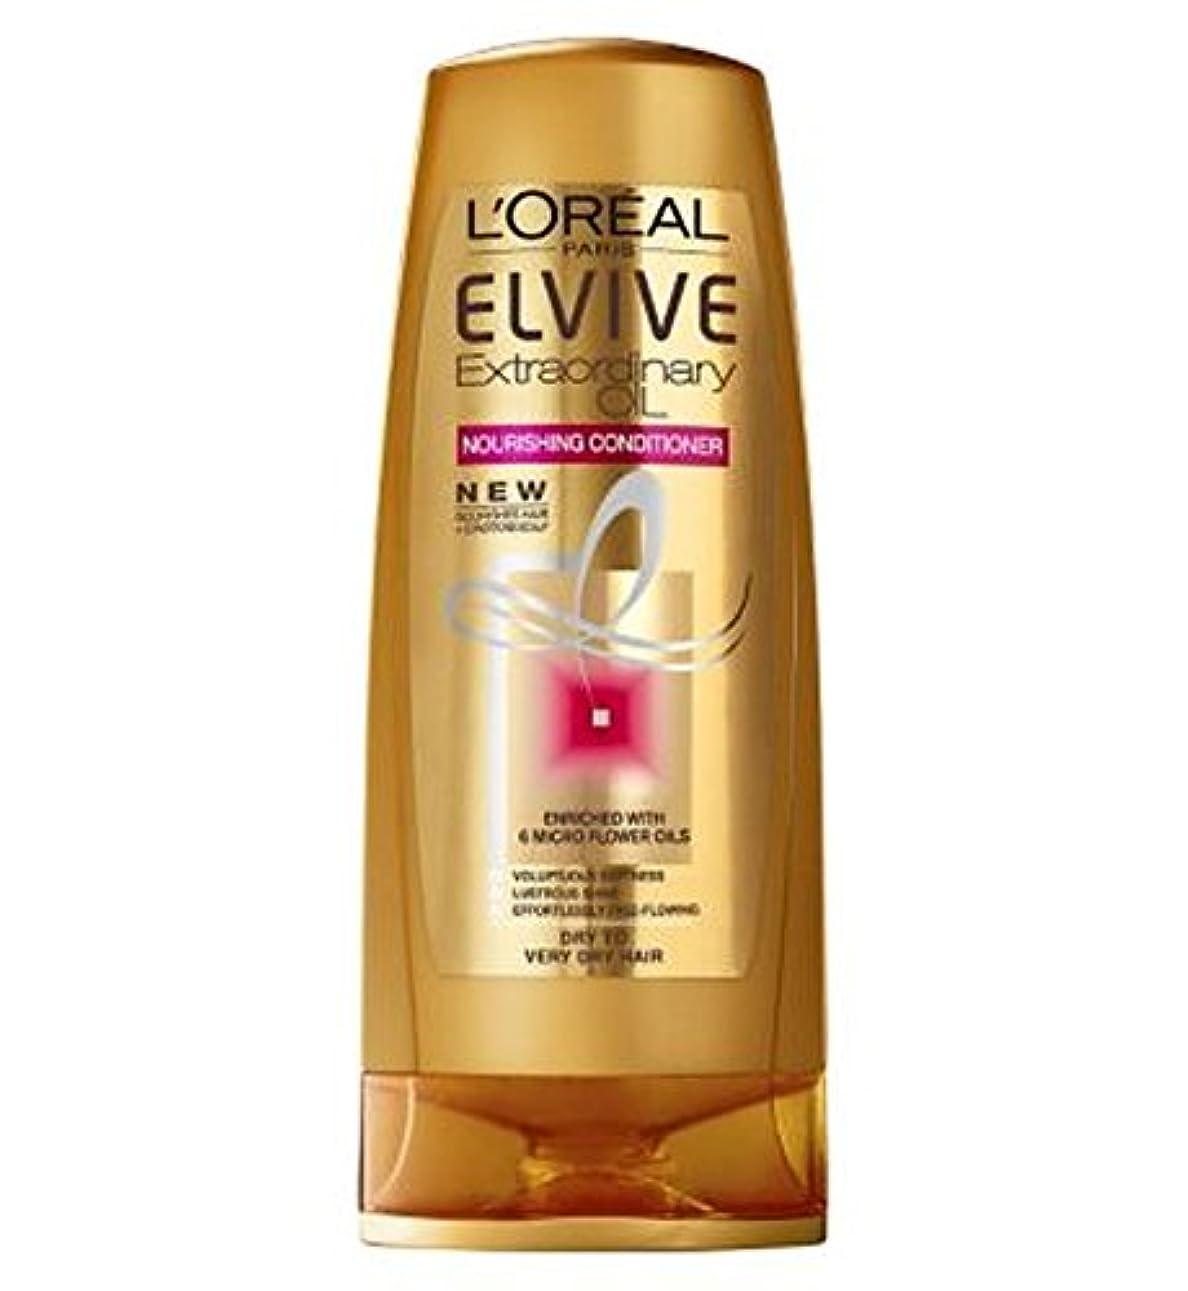 スタッフぎこちない豊富なラフヘア250ミリリットルにコンディショナードライ栄養ロレアルElvive臨時油 (L'Oreal) (x2) - L'Oreal Elvive Extraordinary Oils Nourishing Conditioner...